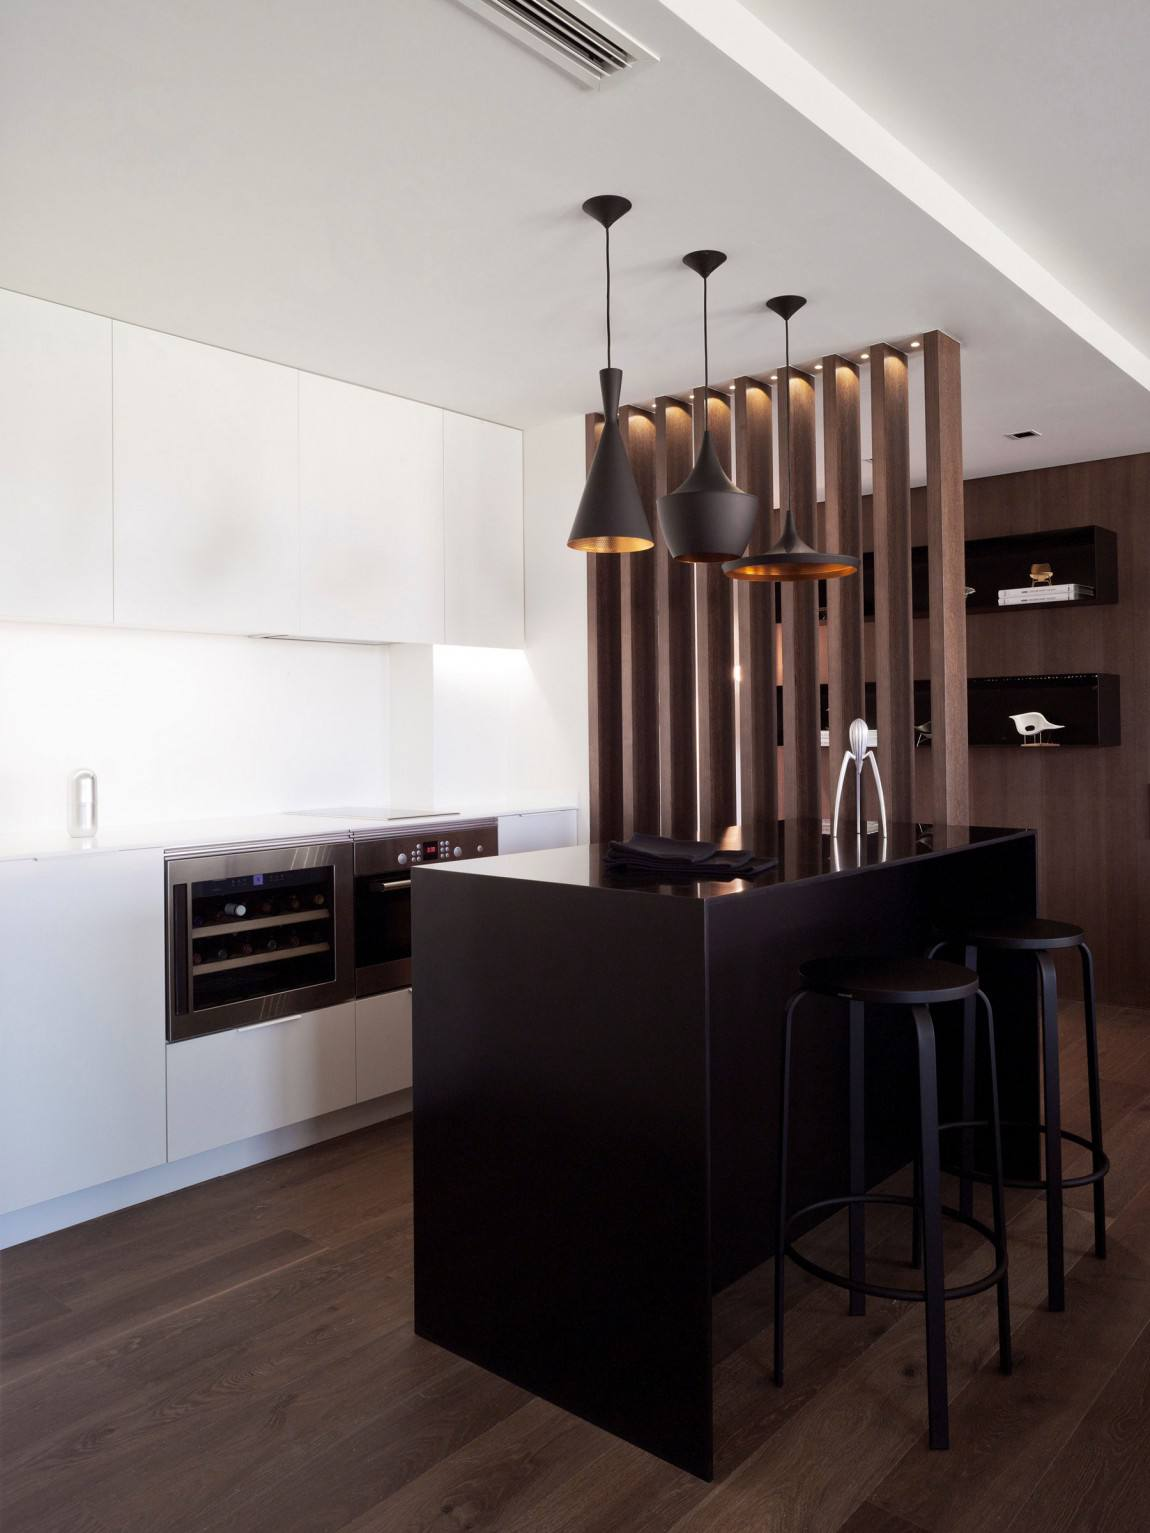 时尚简约厨房黑色吧台设计装修图